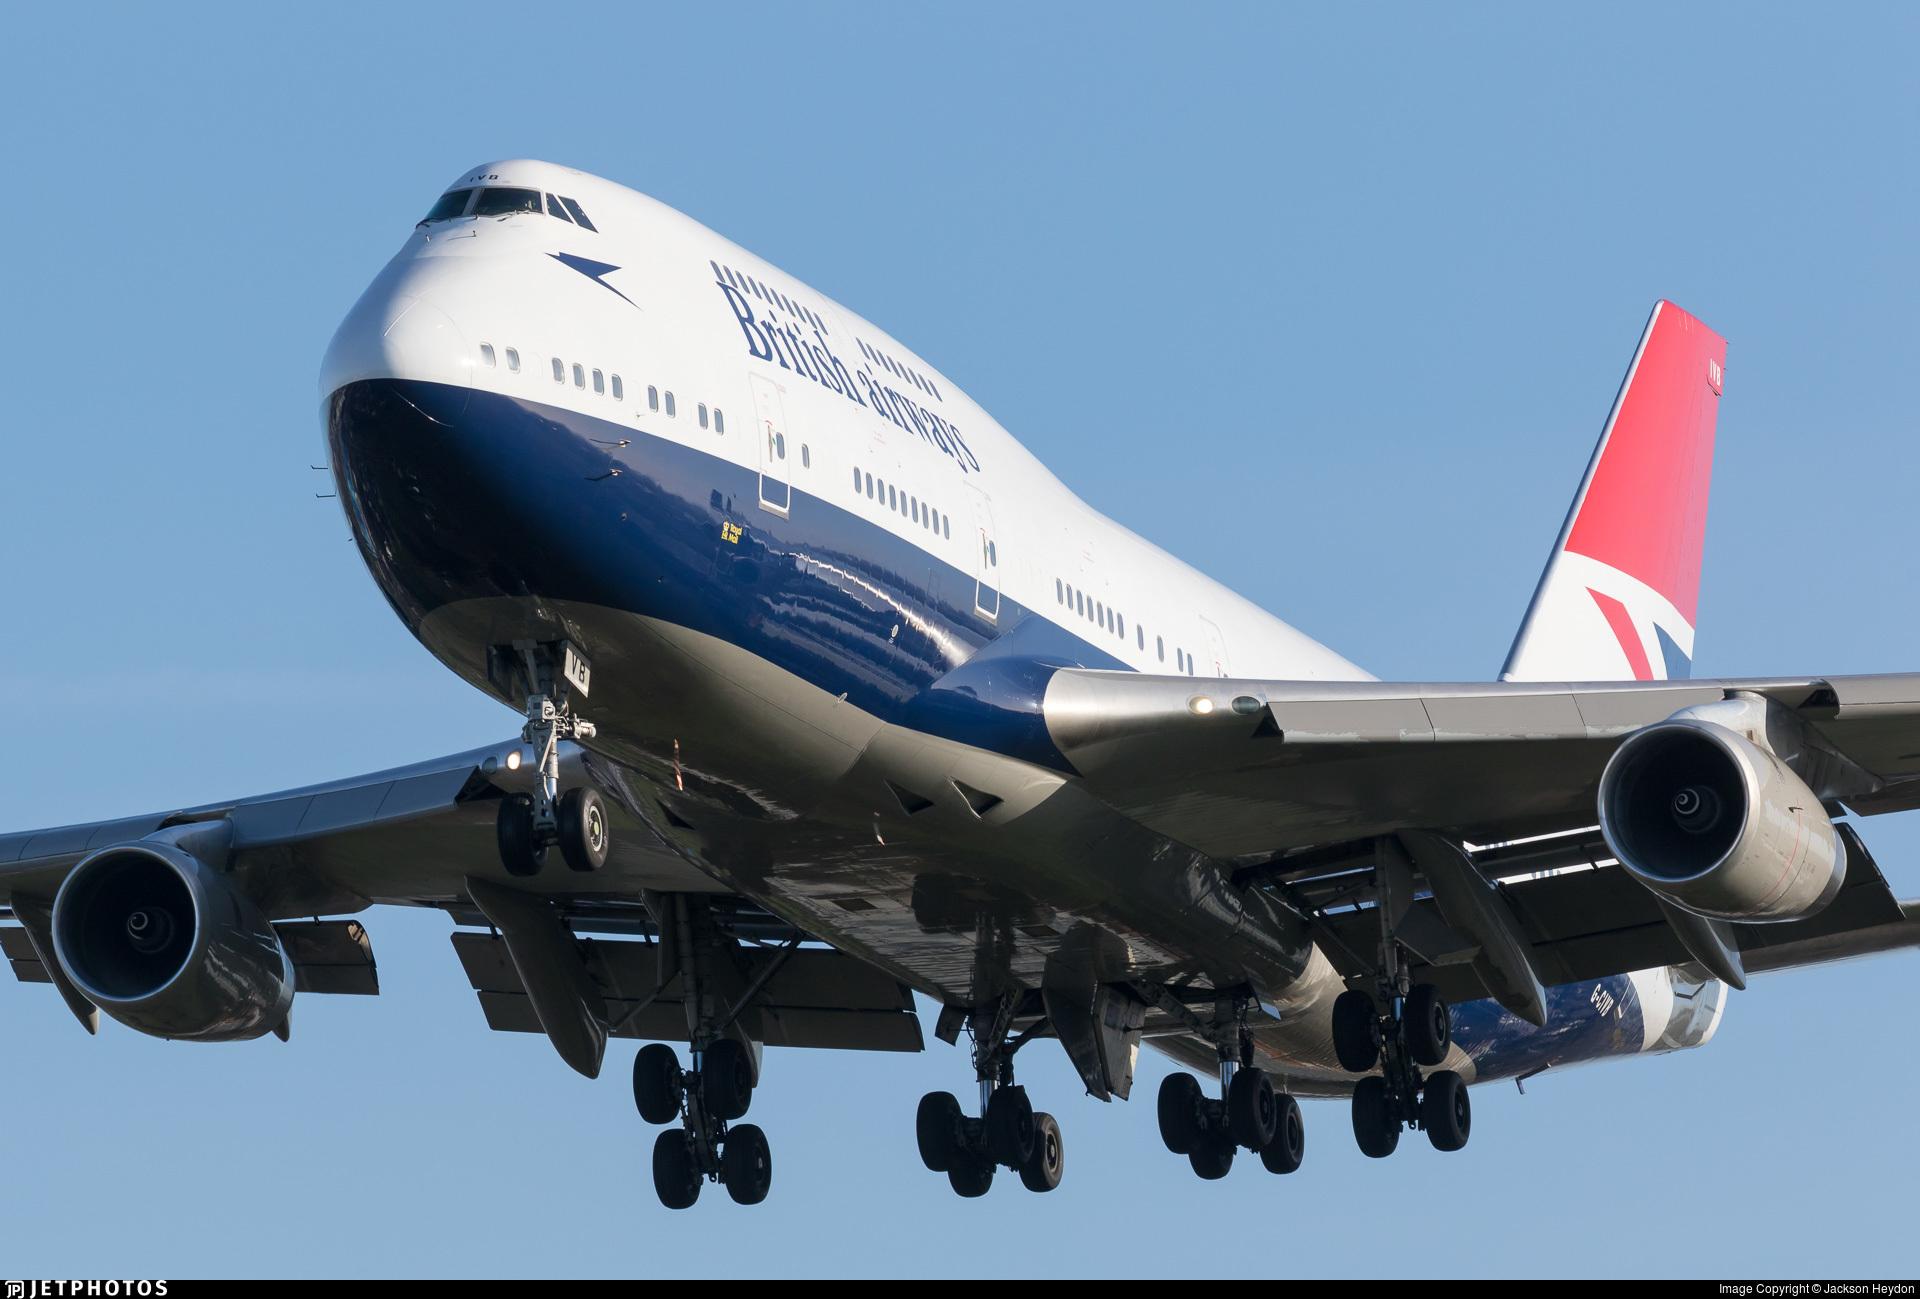 British Airways 747 pilot